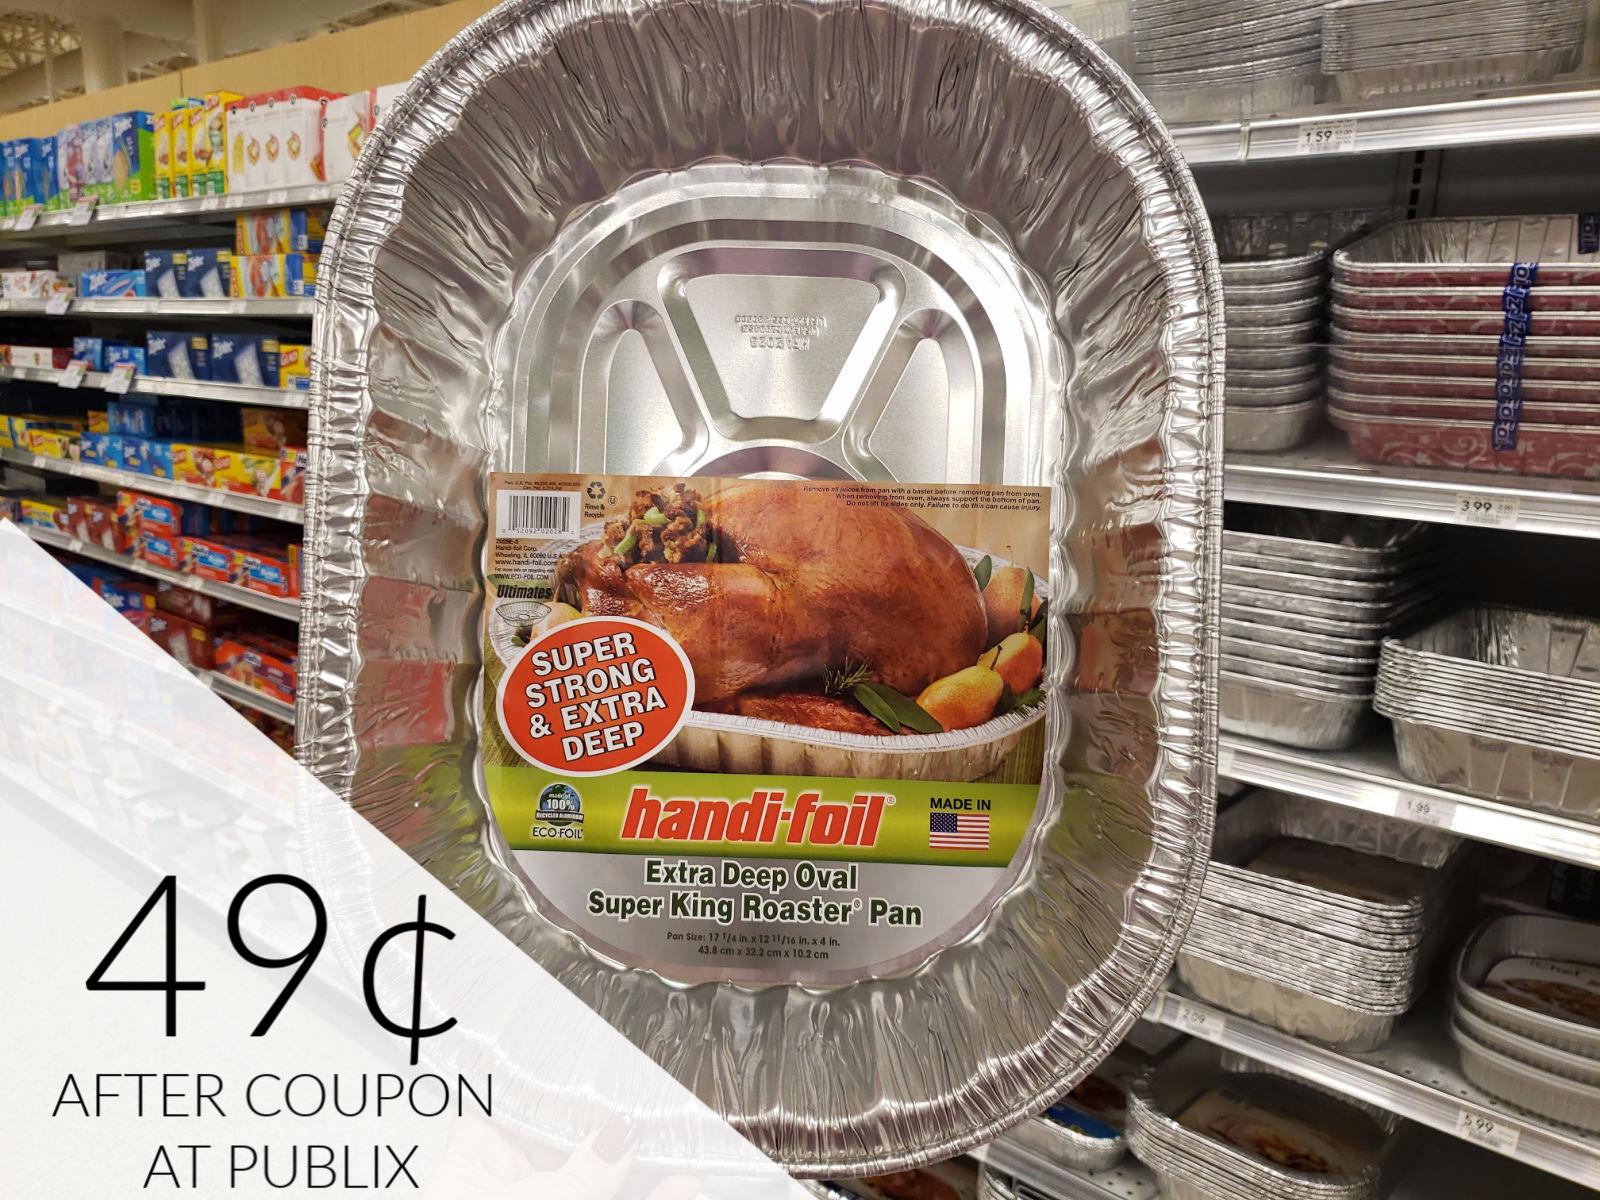 Handi-Foil Bakeware As Low As $1.09 At Publix on I Heart Publix 1